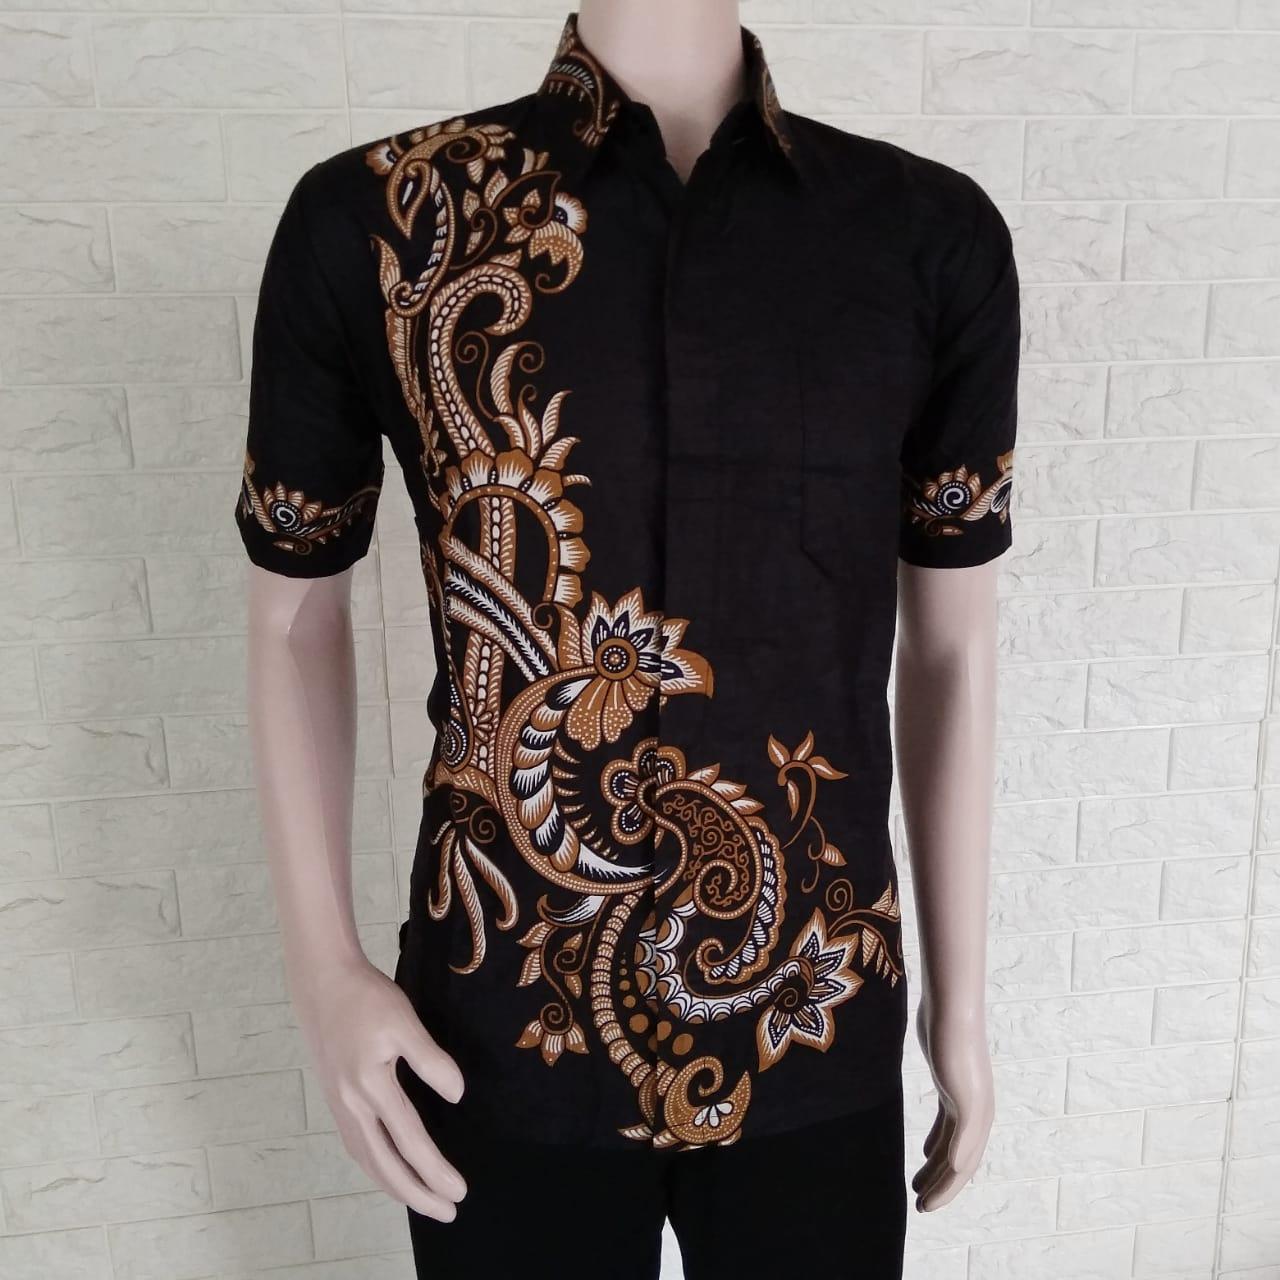 Jual Baju Batik Pria Baju Batik Modern Kemeja Batik Pekalongan Hem Batik  Kemeja Motif ARJUNA COKLAT a2dd83320a